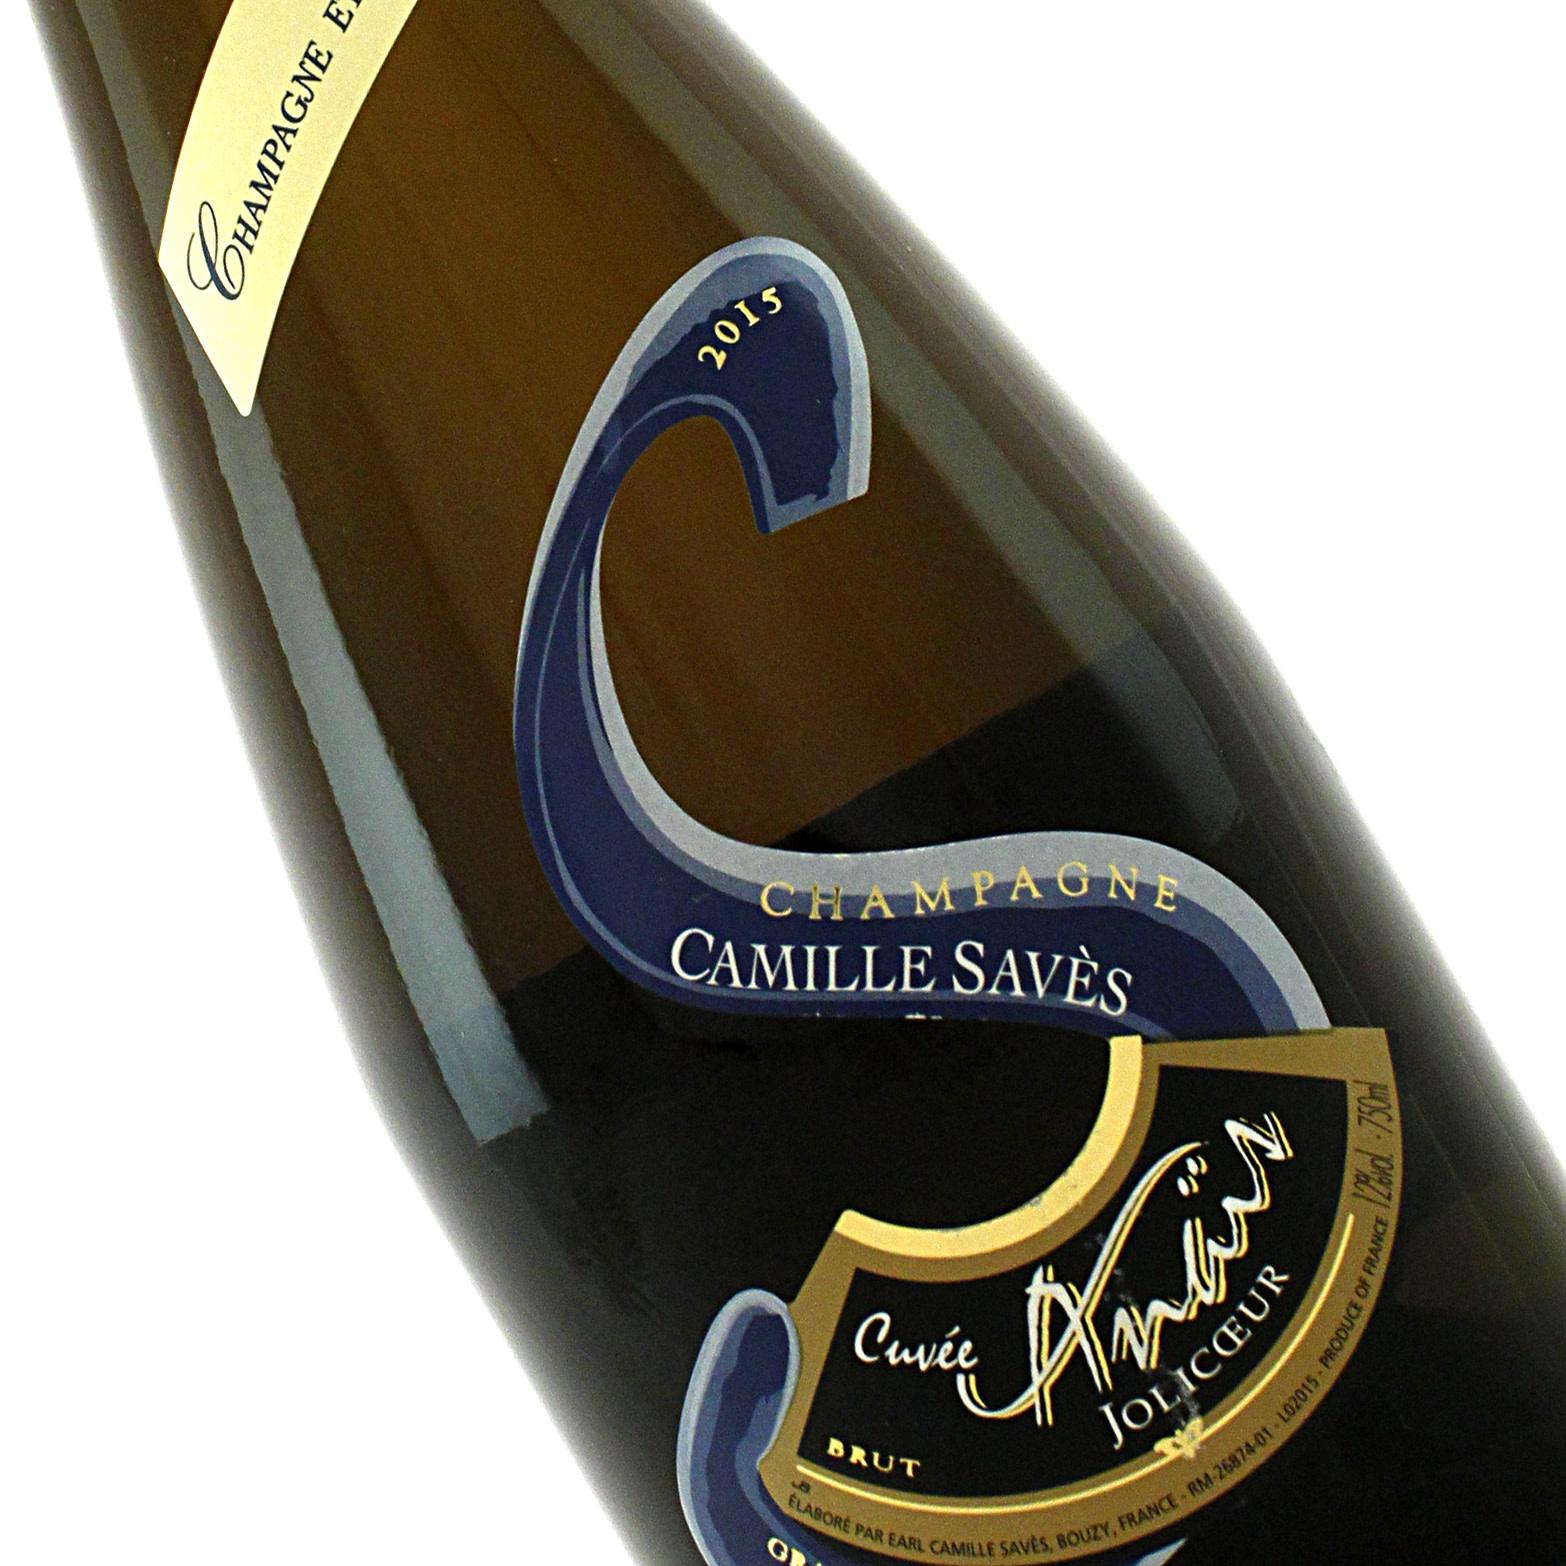 """Camille Saves 2012 """"Cuvee Anais Jolie Coeur"""" Champagne Grand Cru, Bouzy"""